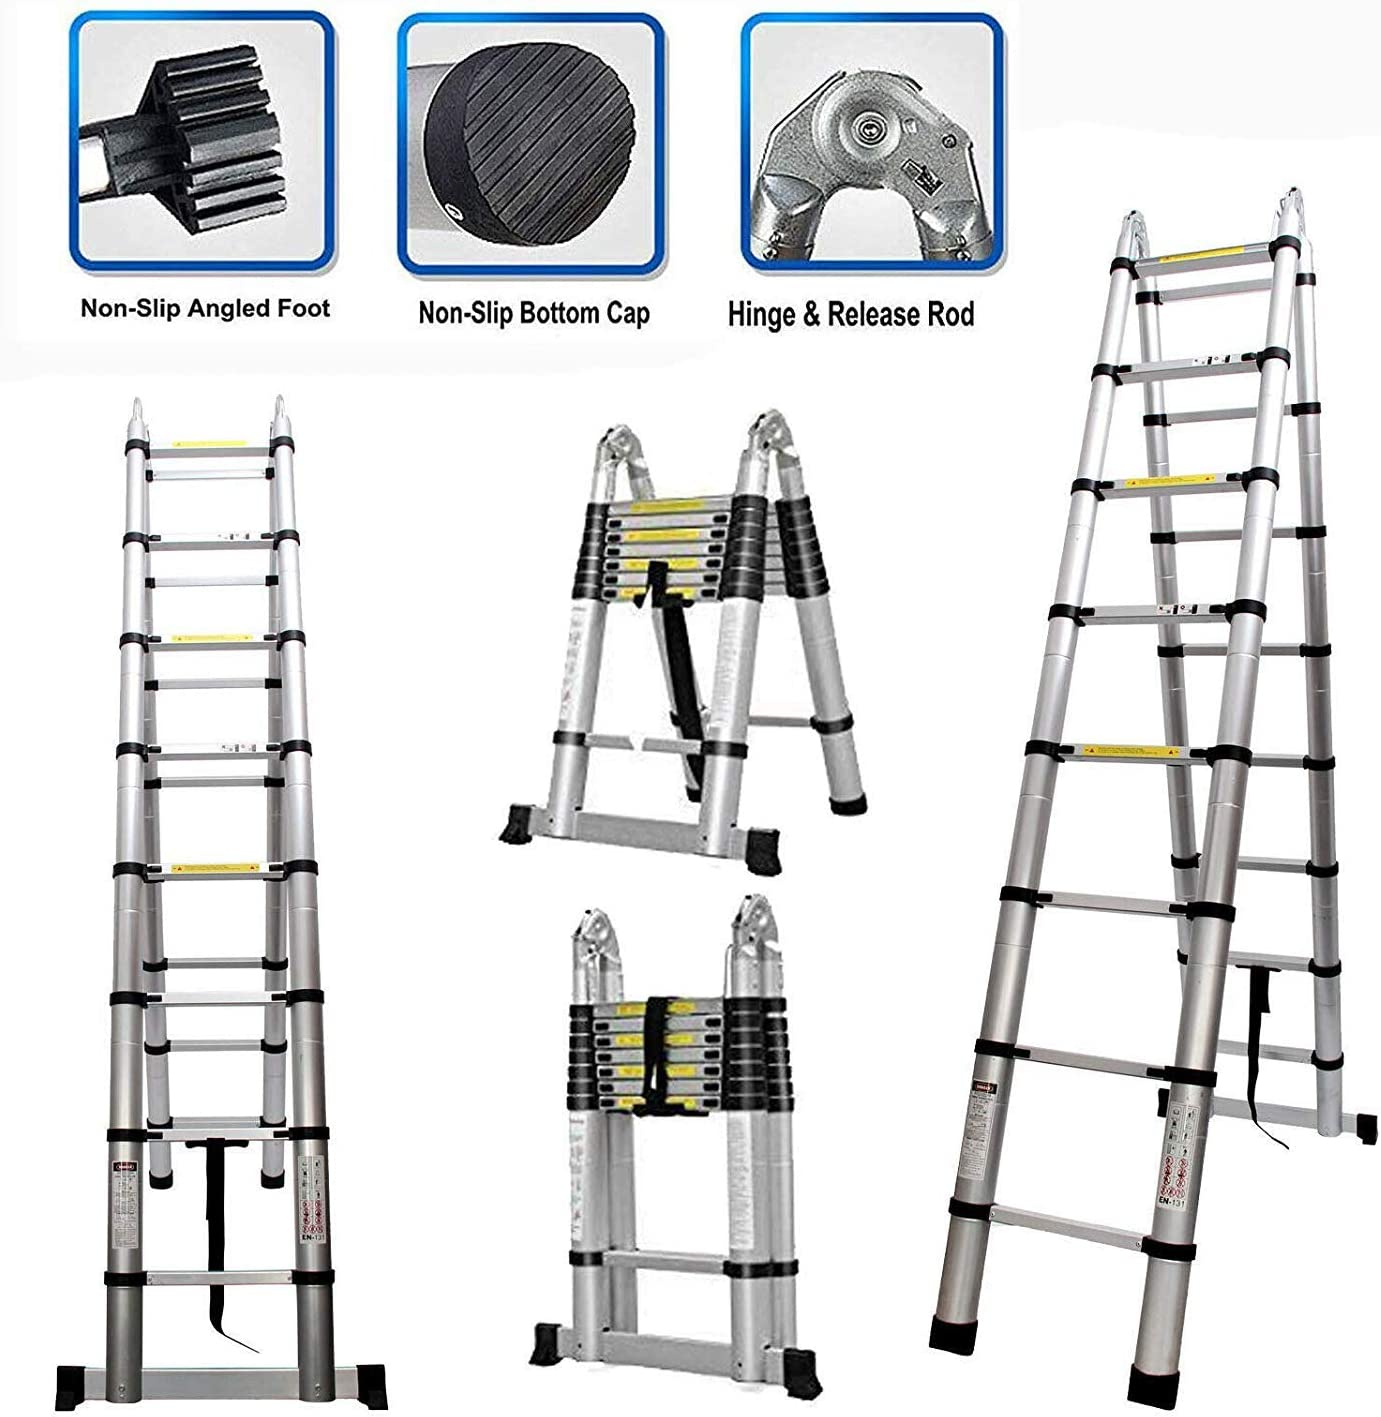 5M / escalera telescópica 16.5FT con las bisagras del Segura plegable de extensión de aluminio de 8 x 2 Escalera plegable un marco plegable portátil for el hogar Escalera Loft interior al